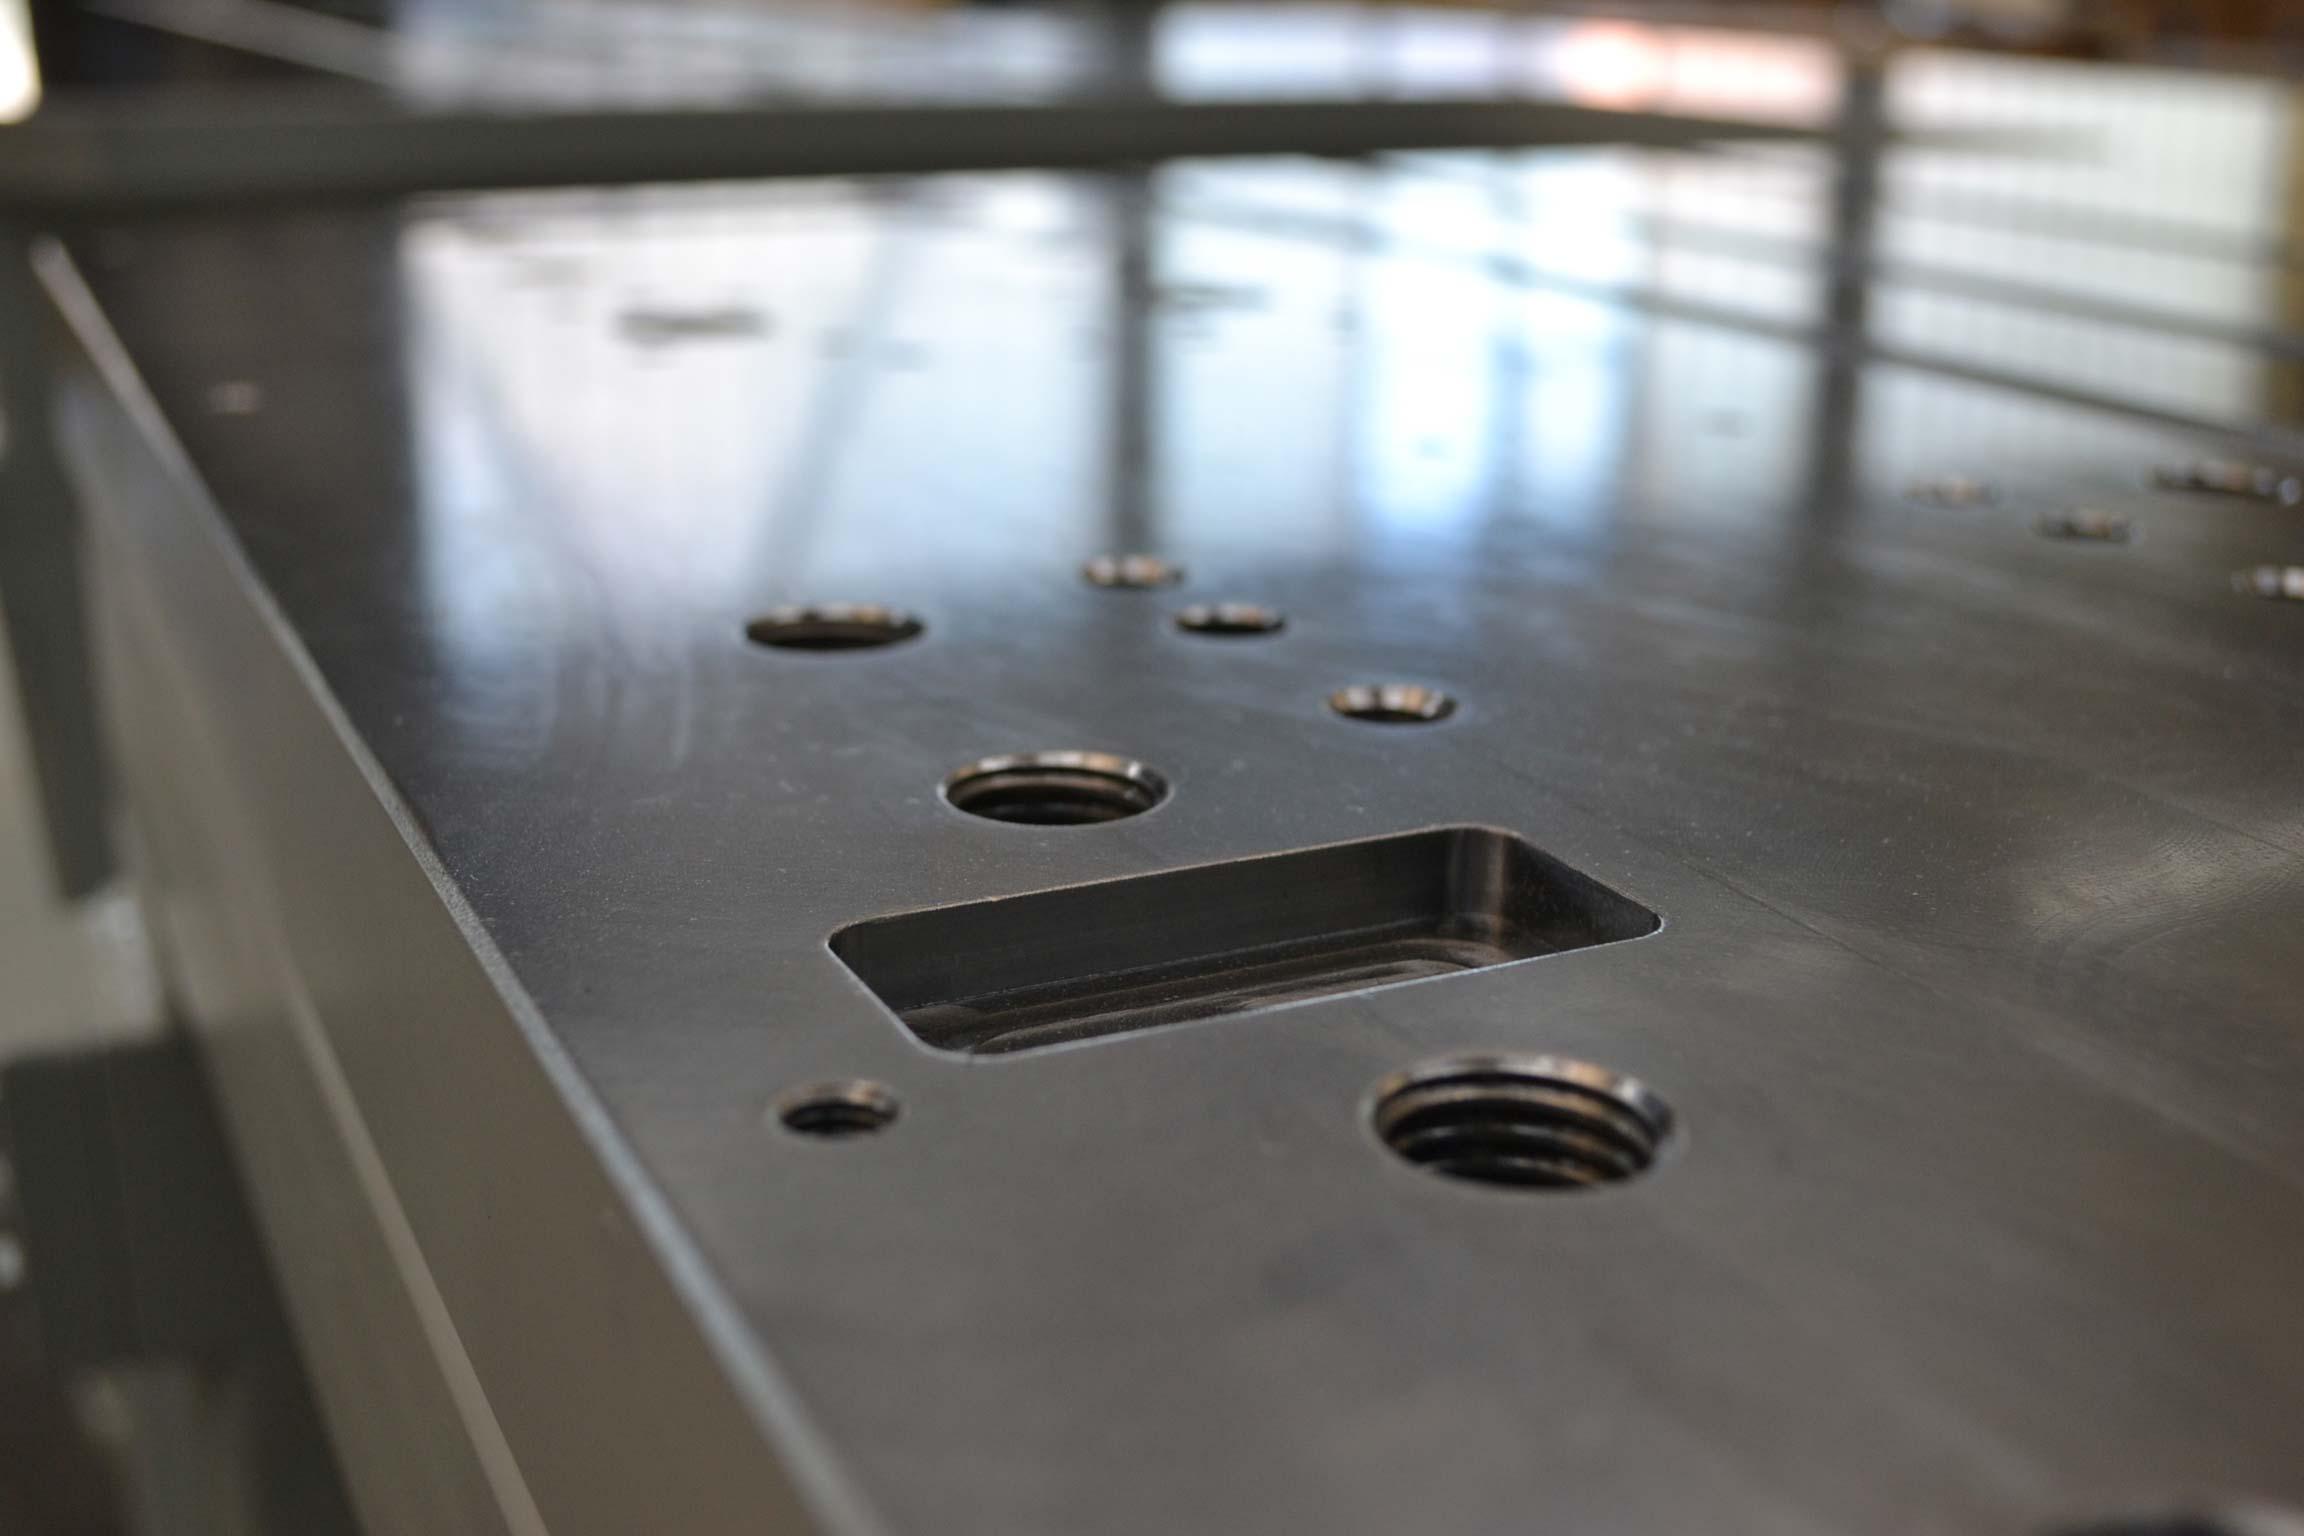 Maschinentisch mit den Maßen 4150 x 1060 x 1020 mm